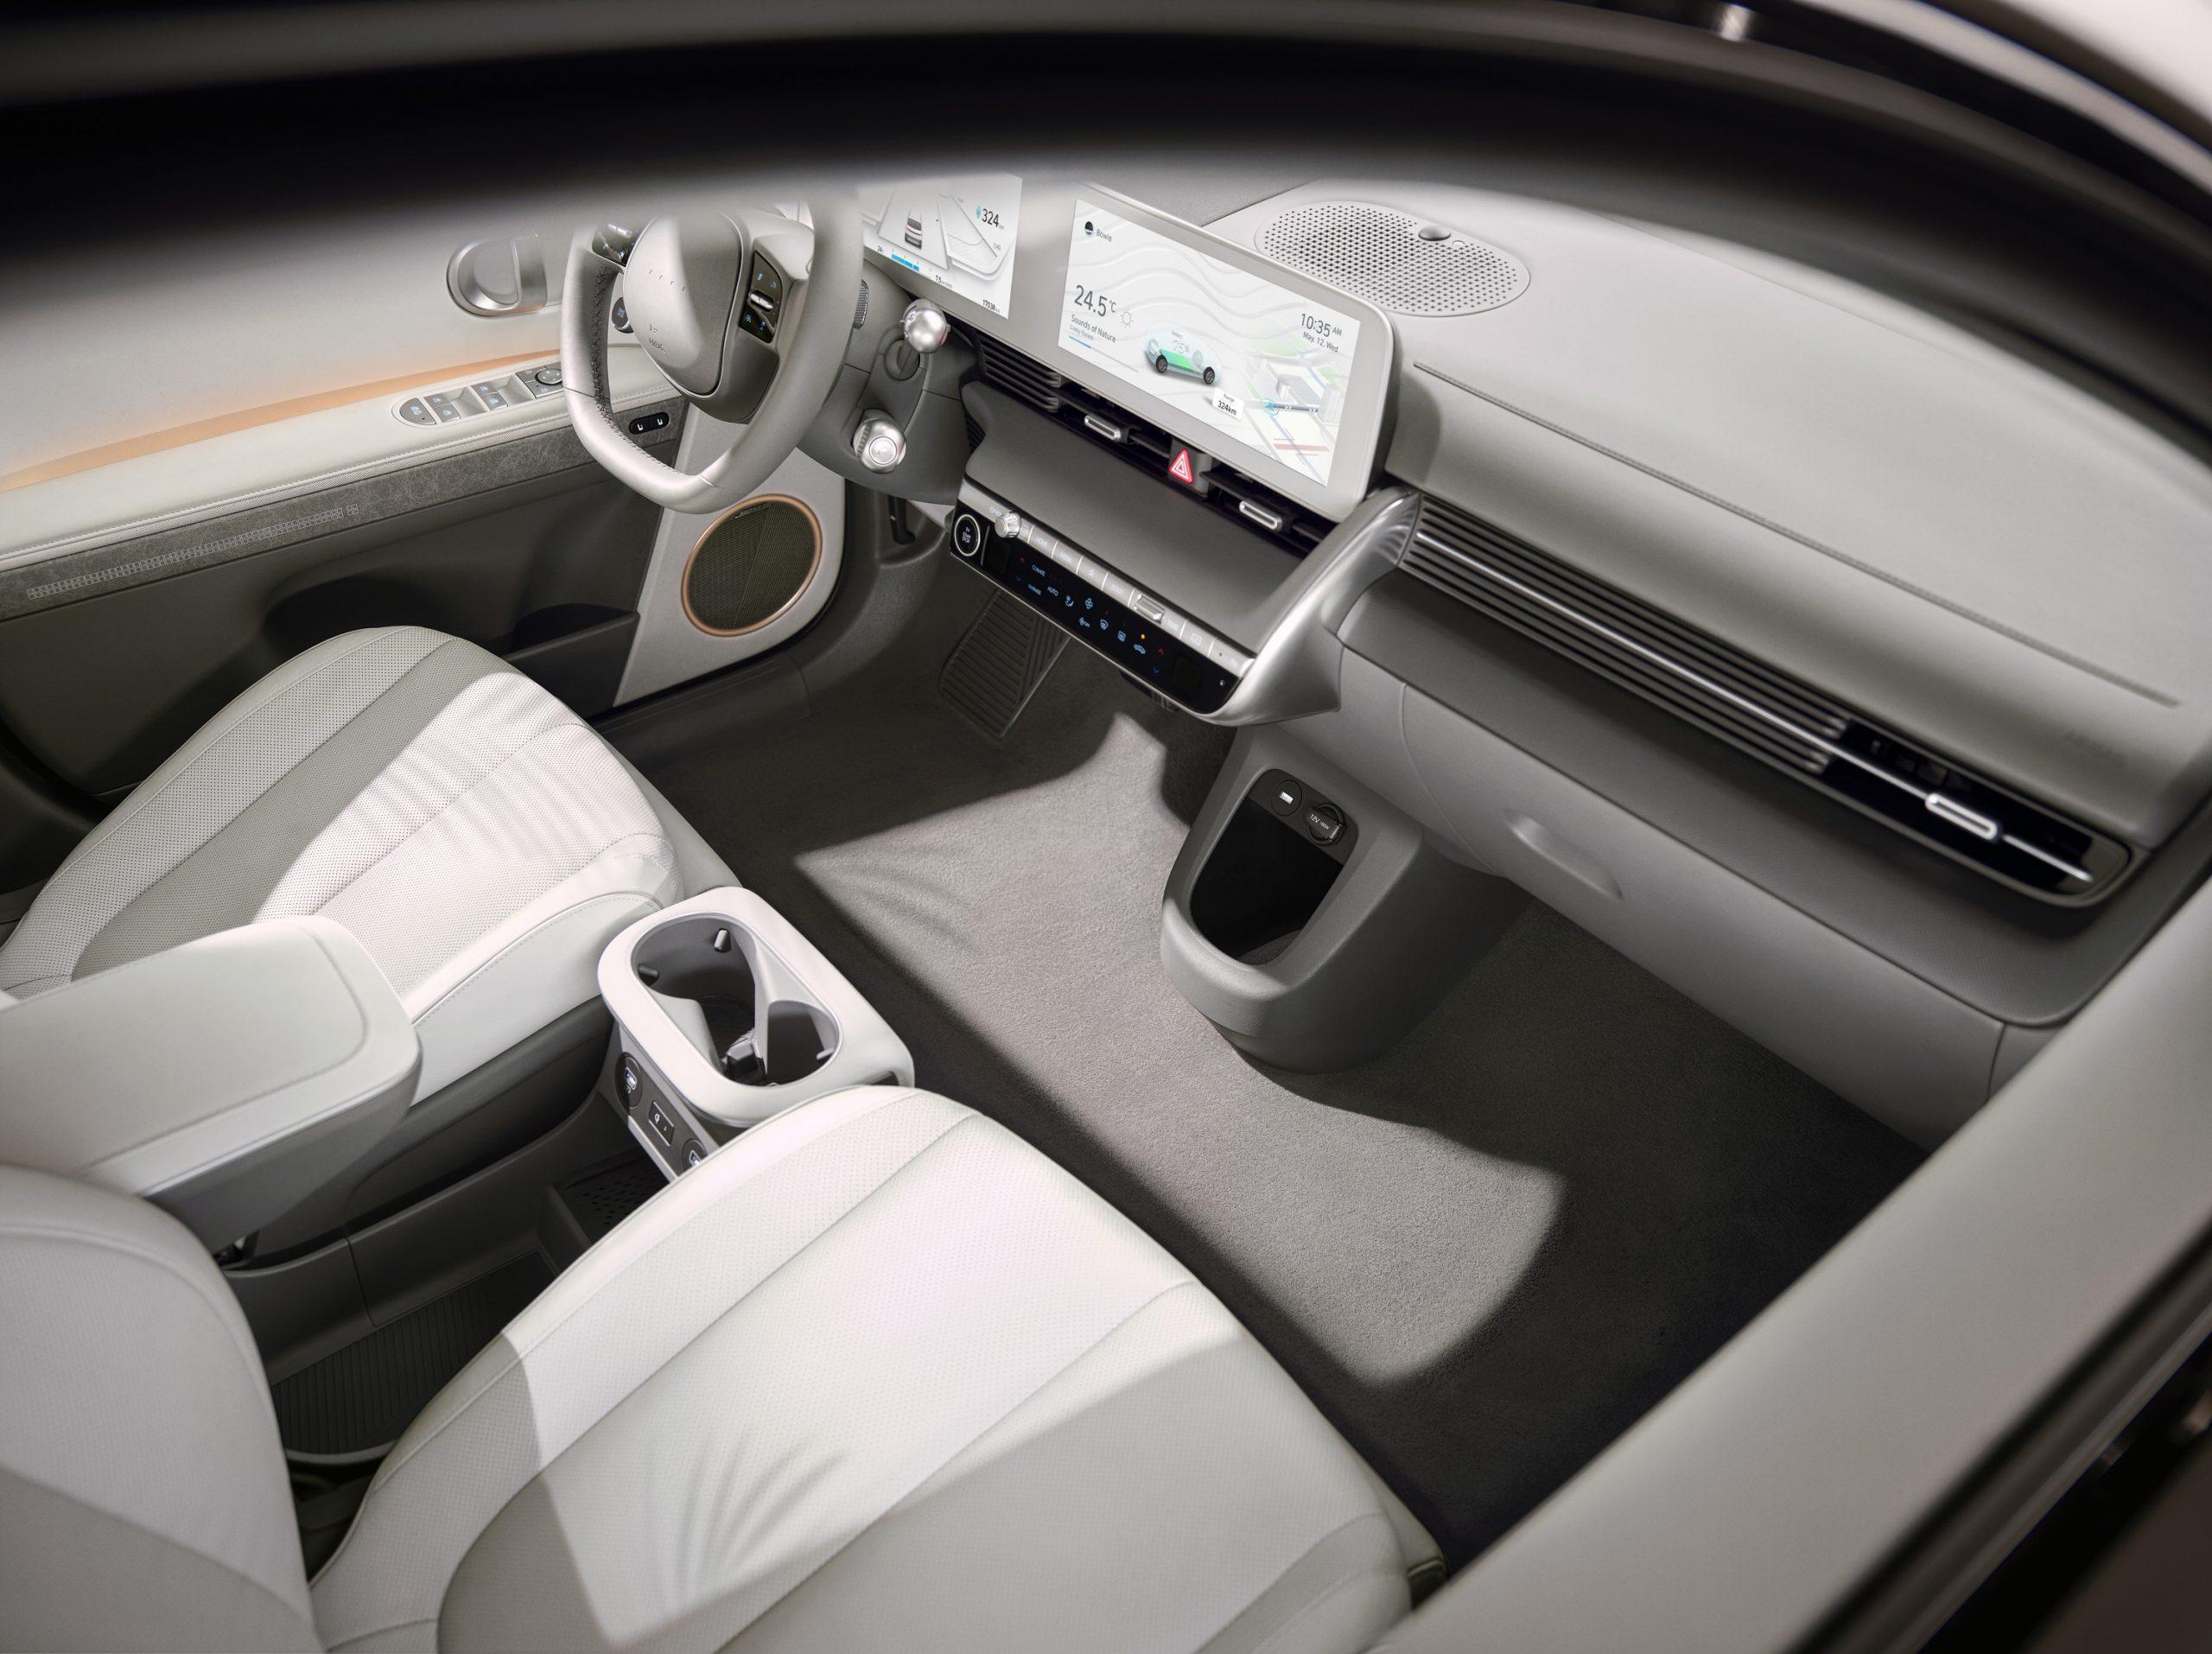 Hyundai IONIQ 5 seats and dashboard